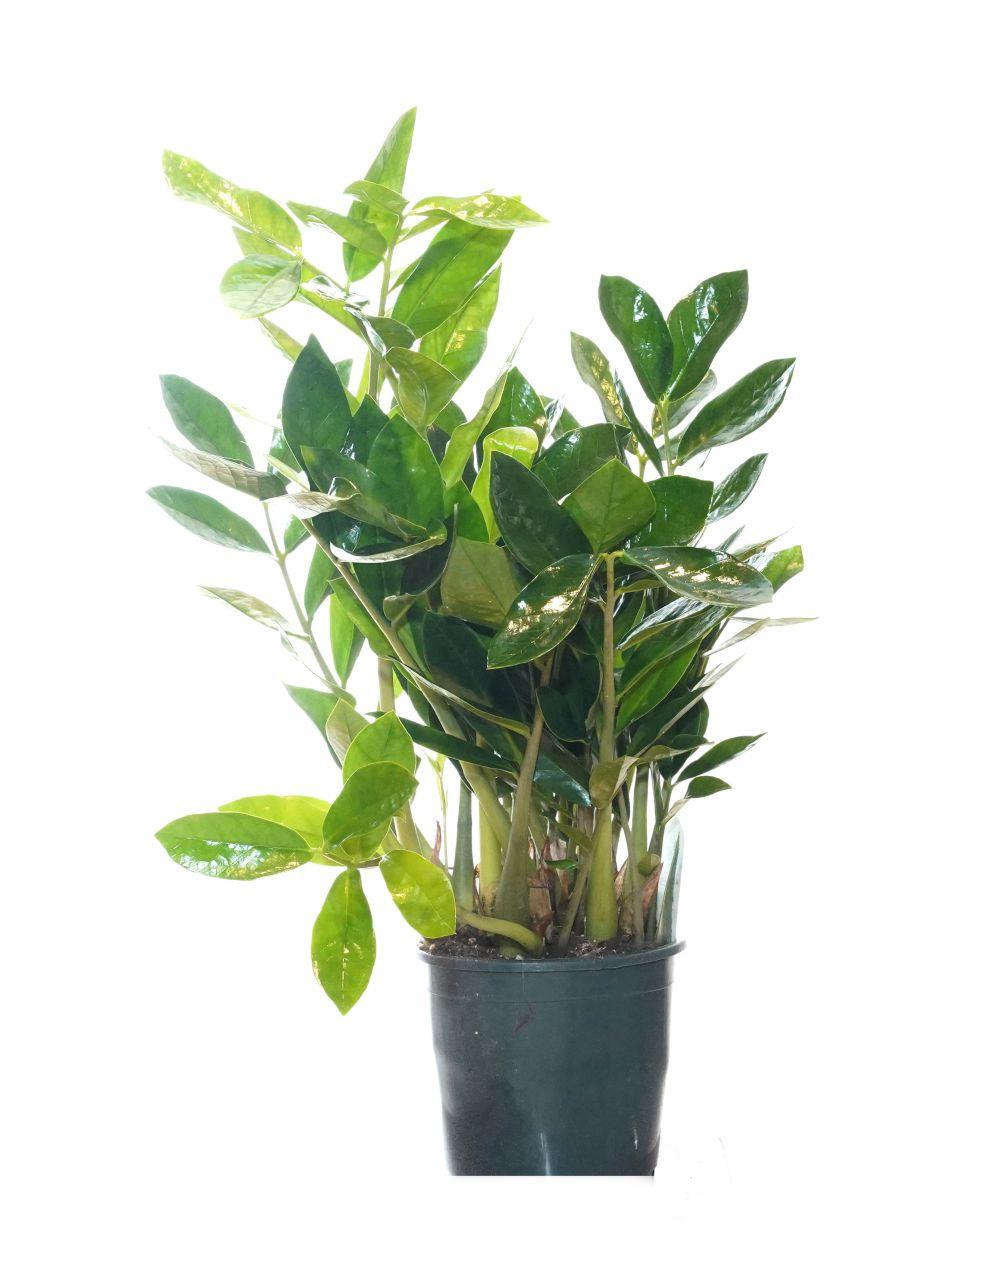 نبتة الزاميا 'نباتات داخلية'